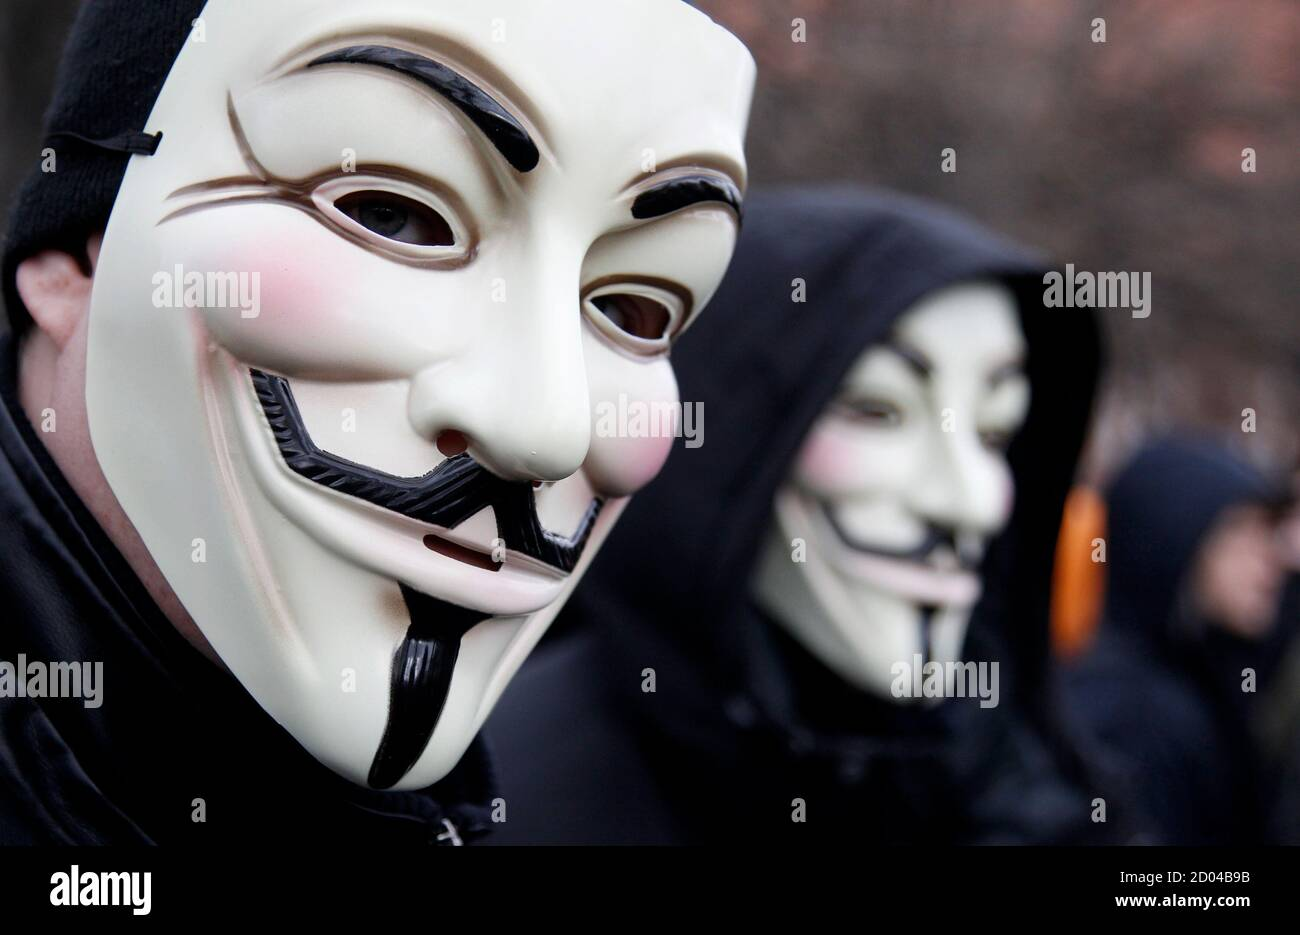 Los manifestantes que llevan máscaras Guy Fawkes participan en una manifestación contra el Acuerdo Comercial Antifalsificación (Acta) en Berlín el 25 de febrero de 2012. Los manifestantes temen que el ACTA, cuyo objetivo es reducir el robo de marcas y otras actividades de piratería en línea, reduzca la libertad de expresión, ponga freno a su libertad para descargar películas y música de forma gratuita y fomente la vigilancia en Internet. REUTERS/Tobias Schwarz (ALEMANIA - Tags: POLÍTICA DISTURBIOS CIVILES) Foto de stock